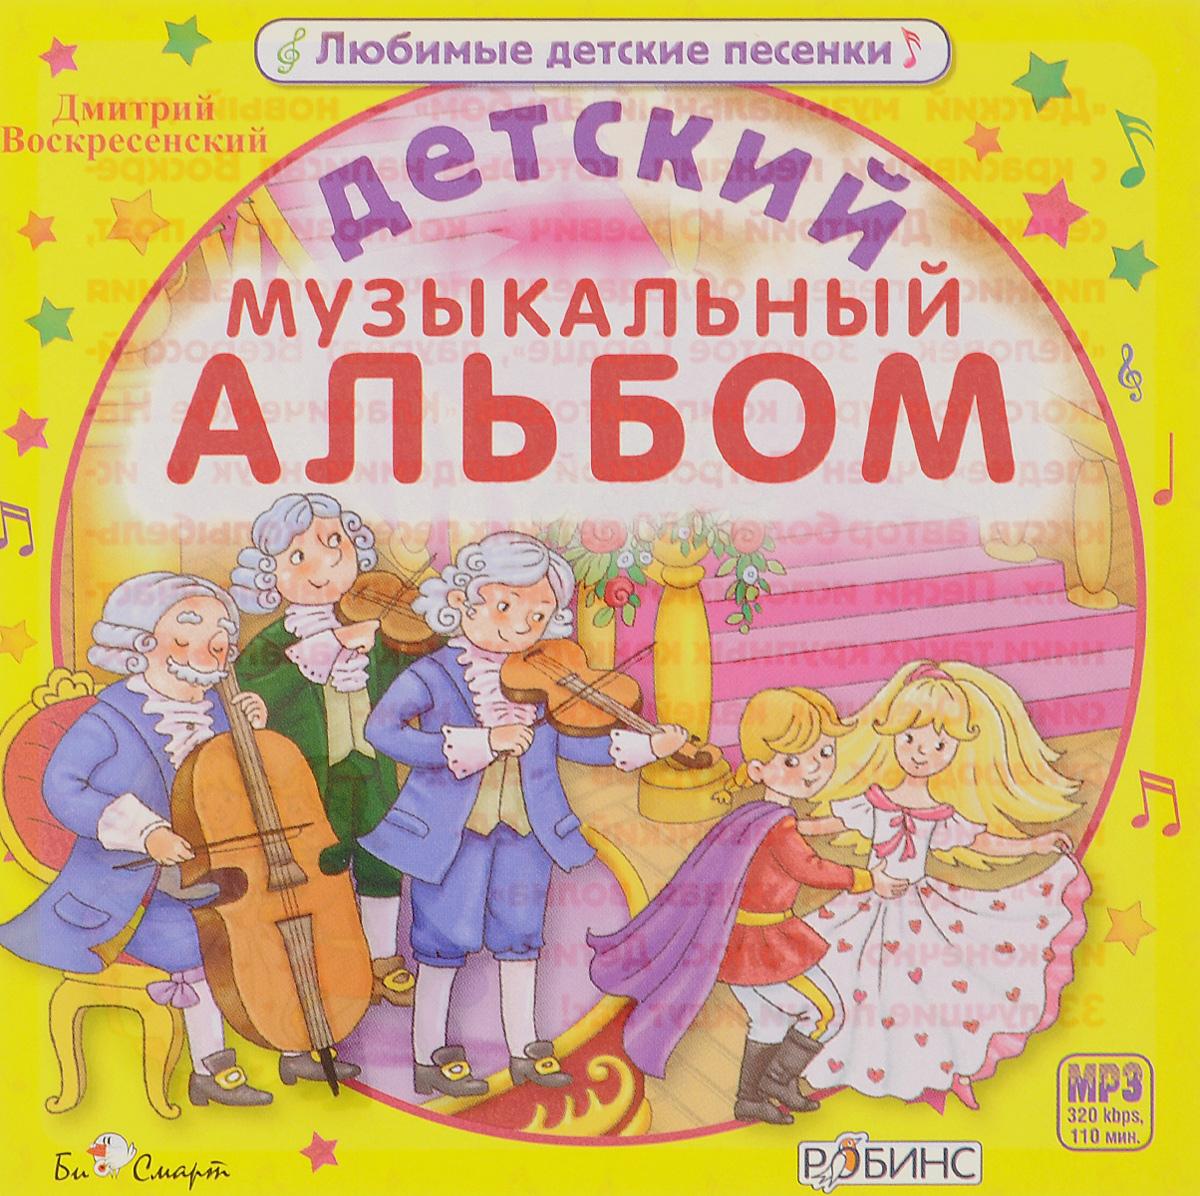 Дмтрий Воскресенский. Детский музыкальный альбом (mp3)